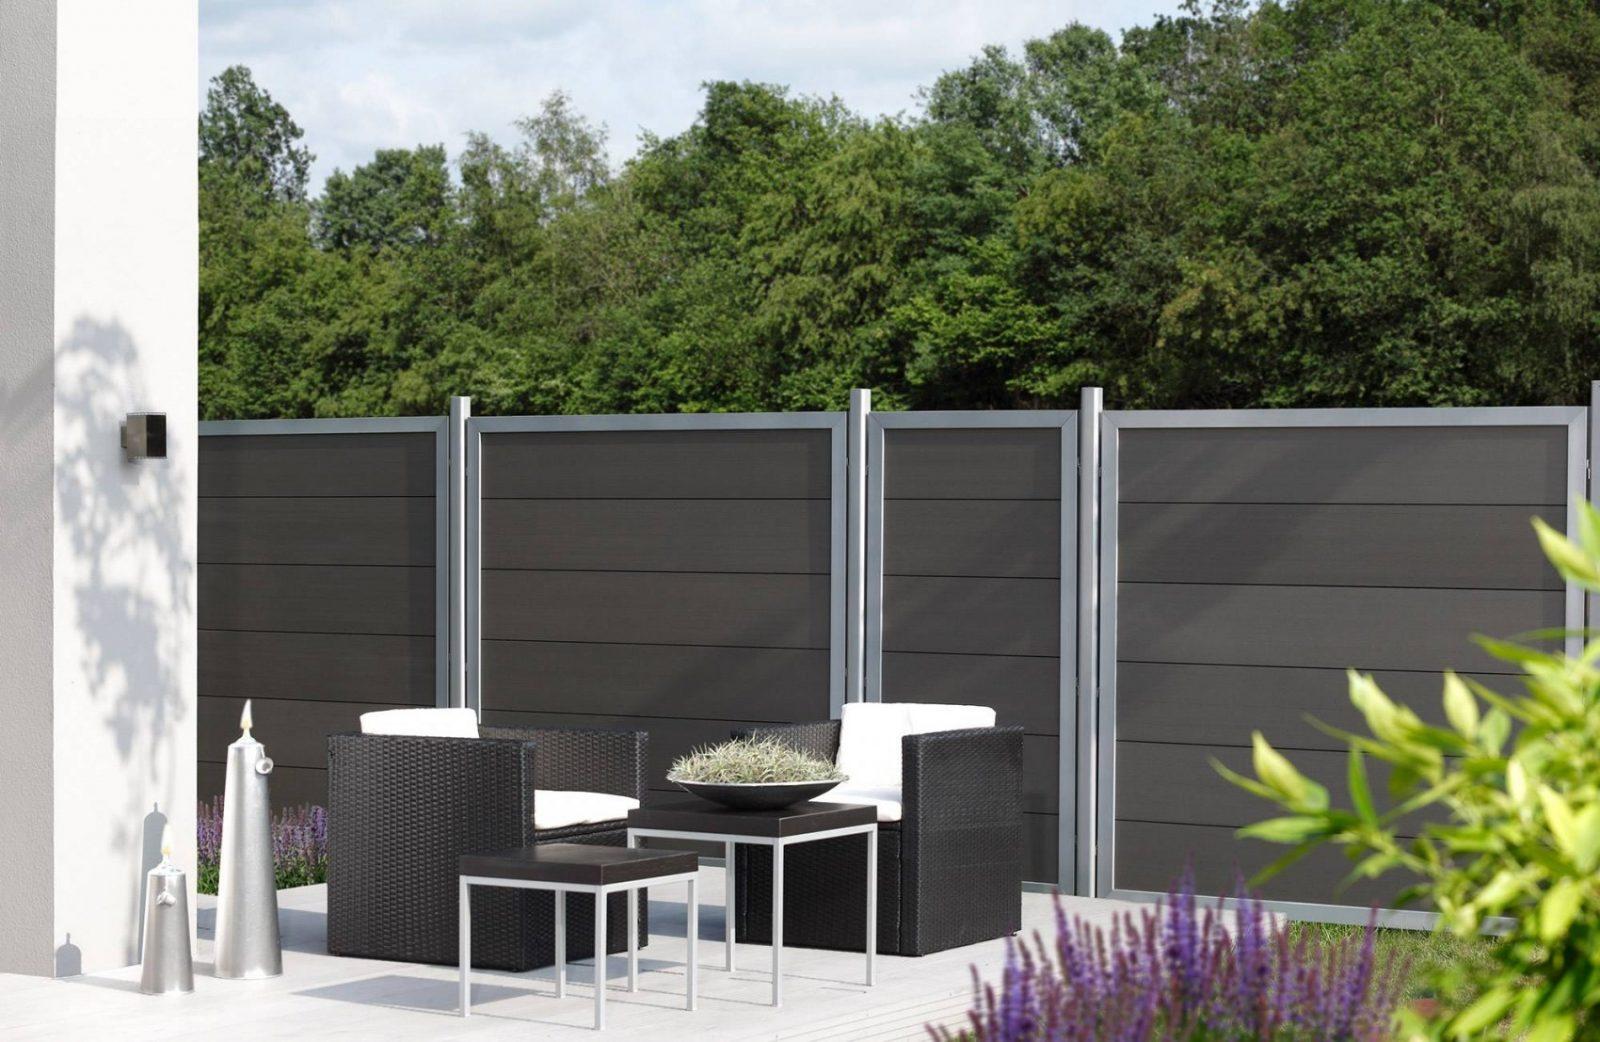 Garten Sichtschutz Grau Luxus 30 Kunststoff Swappingtons Von 9 von Sichtschutz Garten Kunststoff Grau Bild